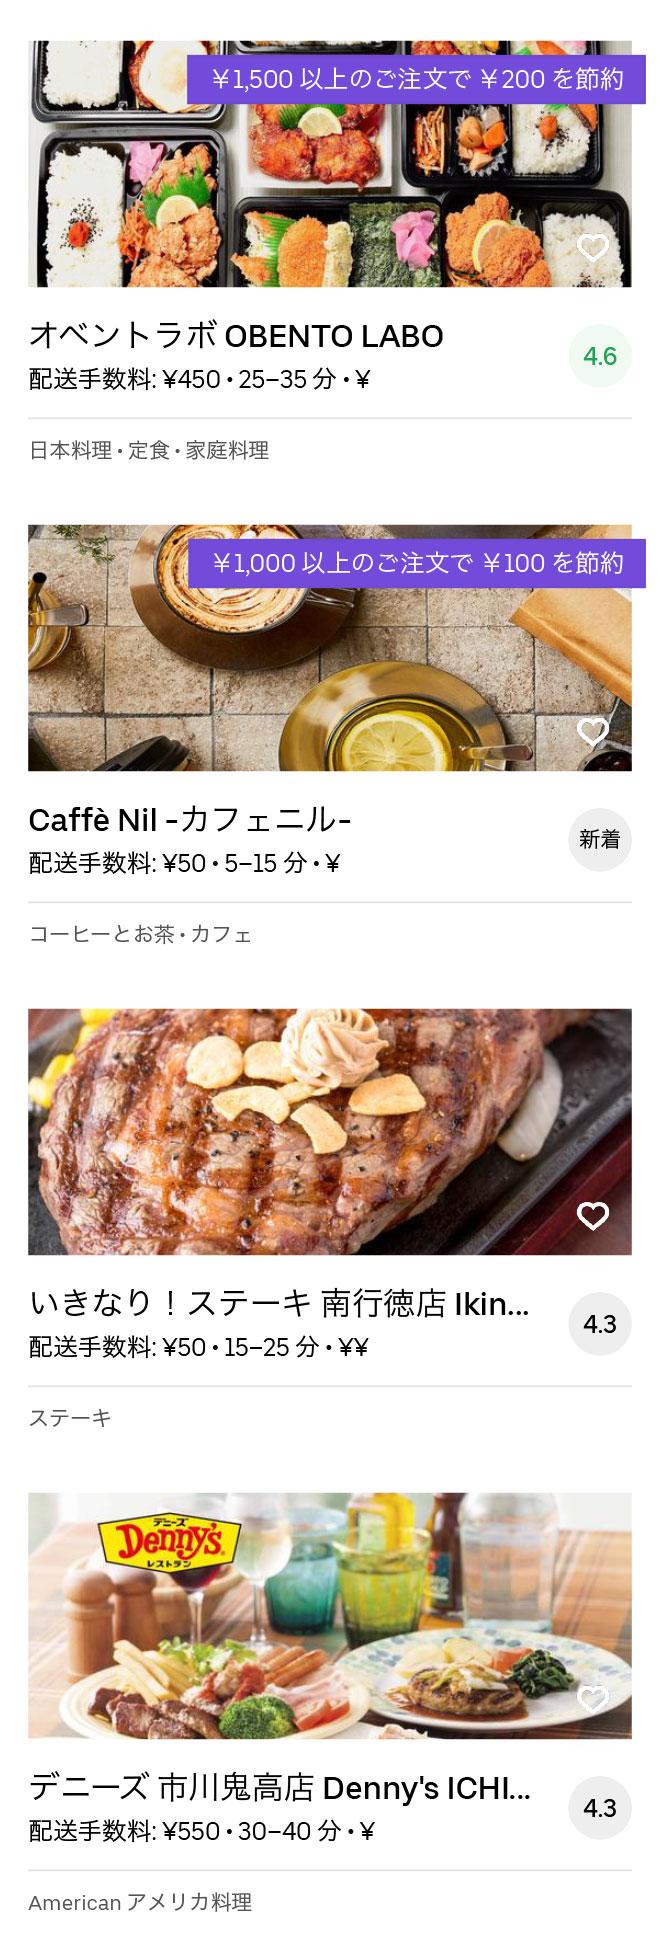 Ichikawa gyotoku menu 2004 08